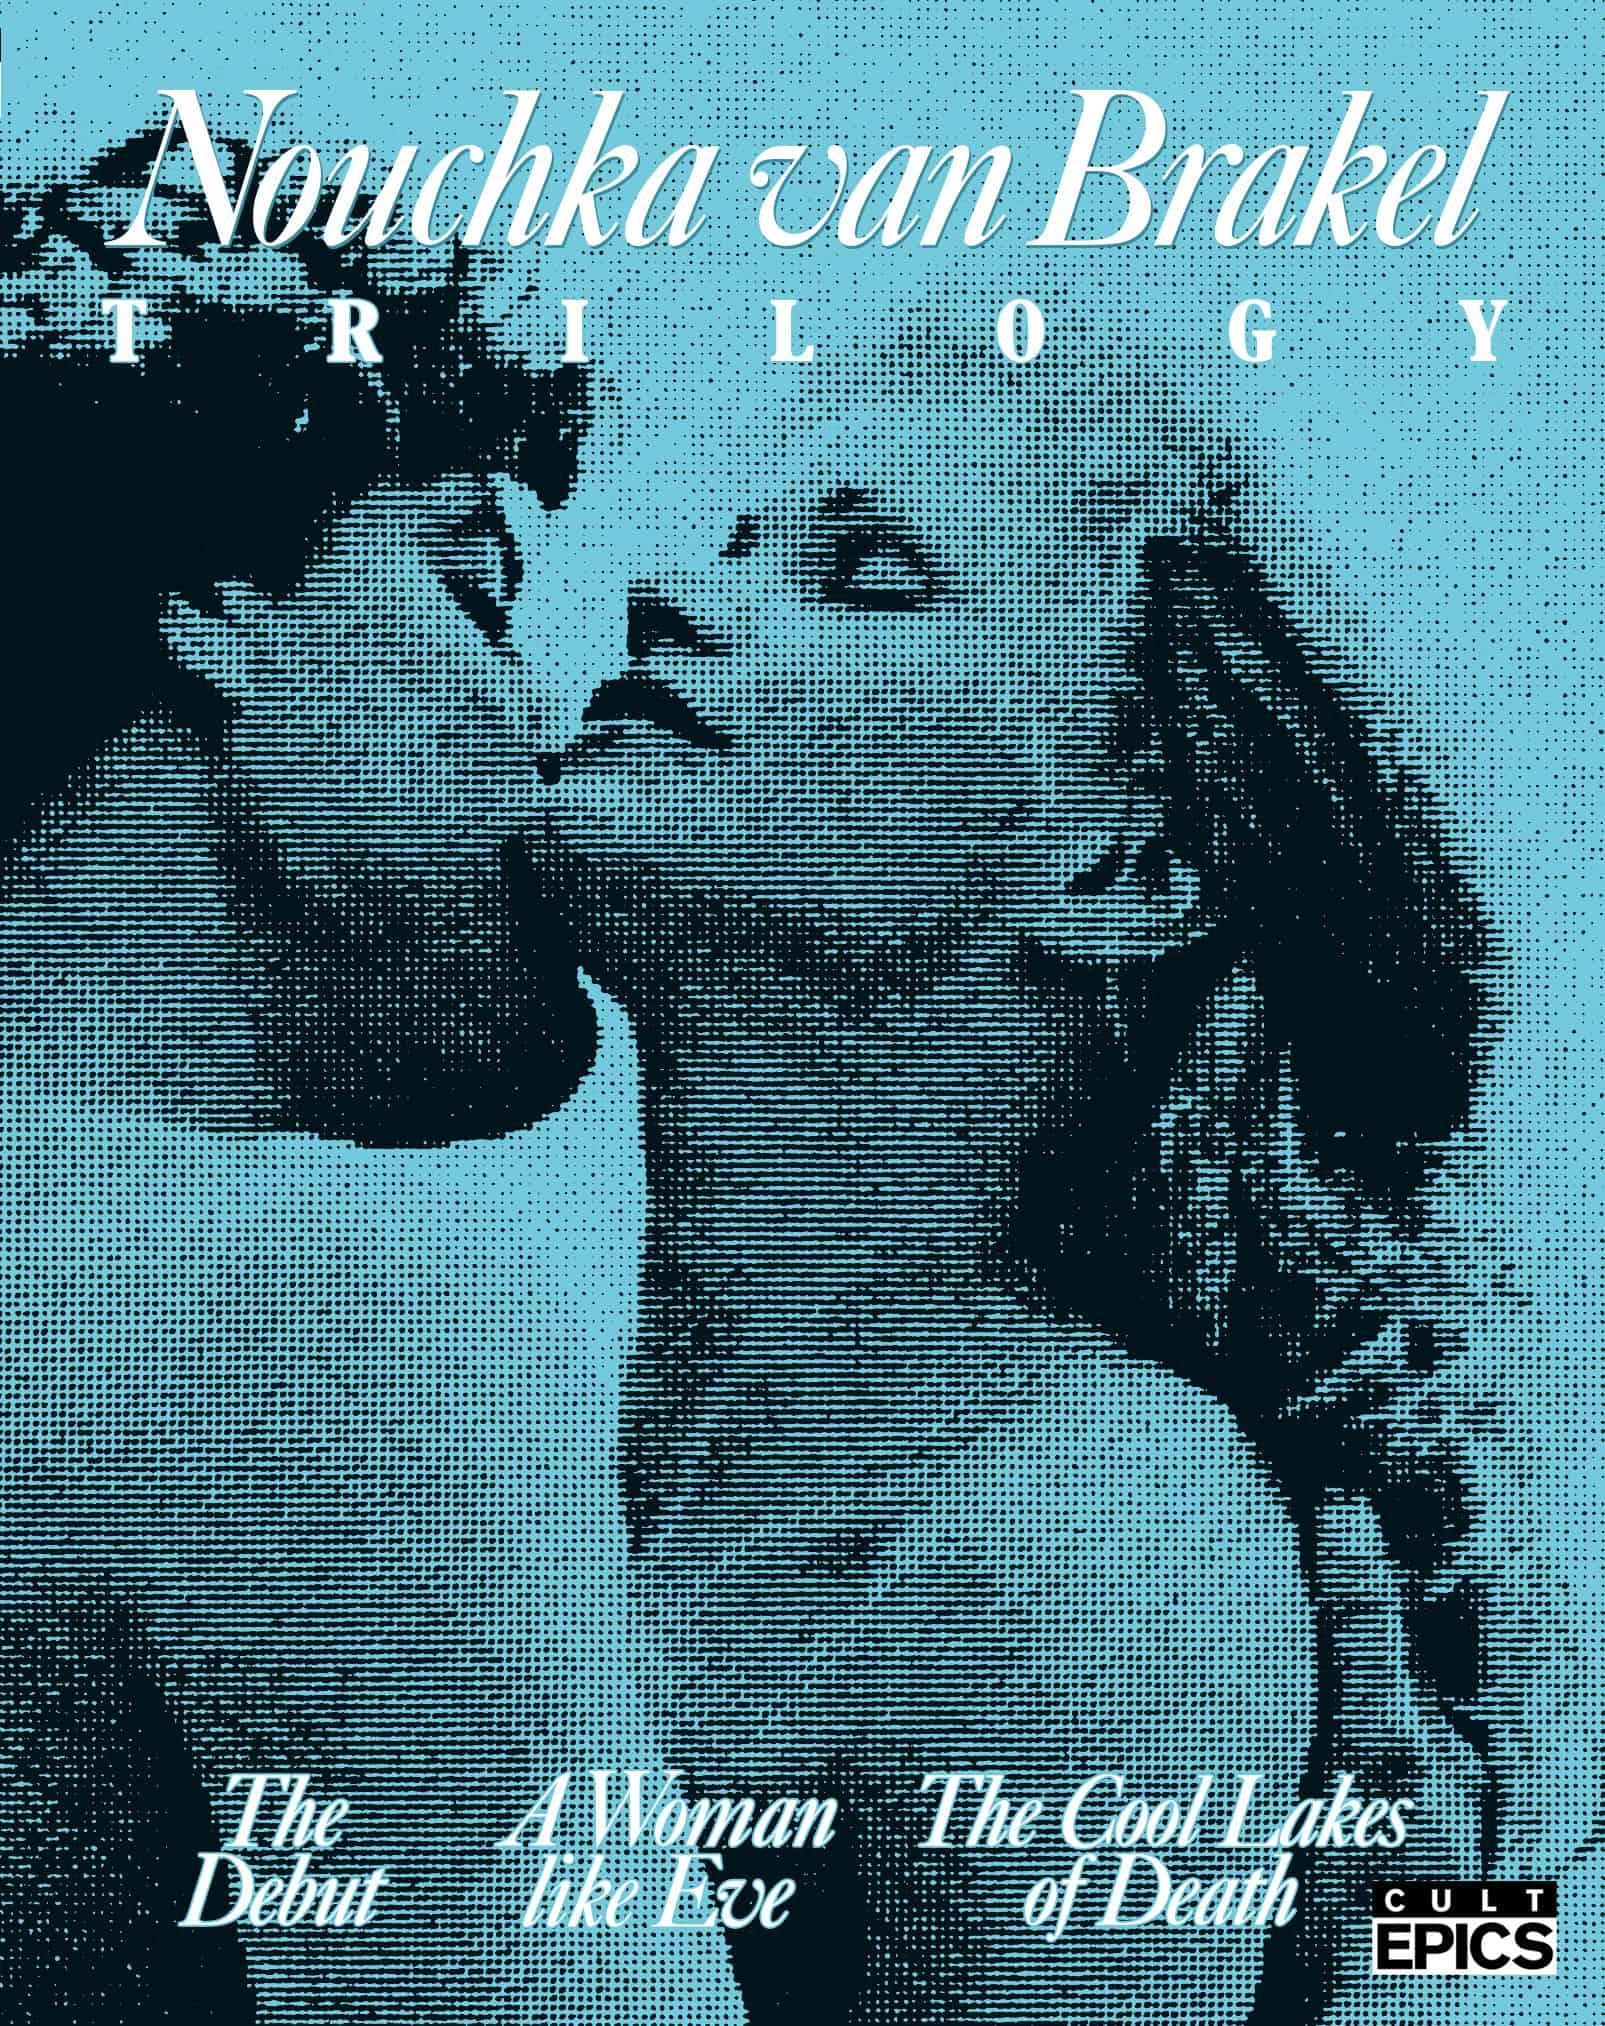 Nouchka van Brakel Trilogy Blu-ray